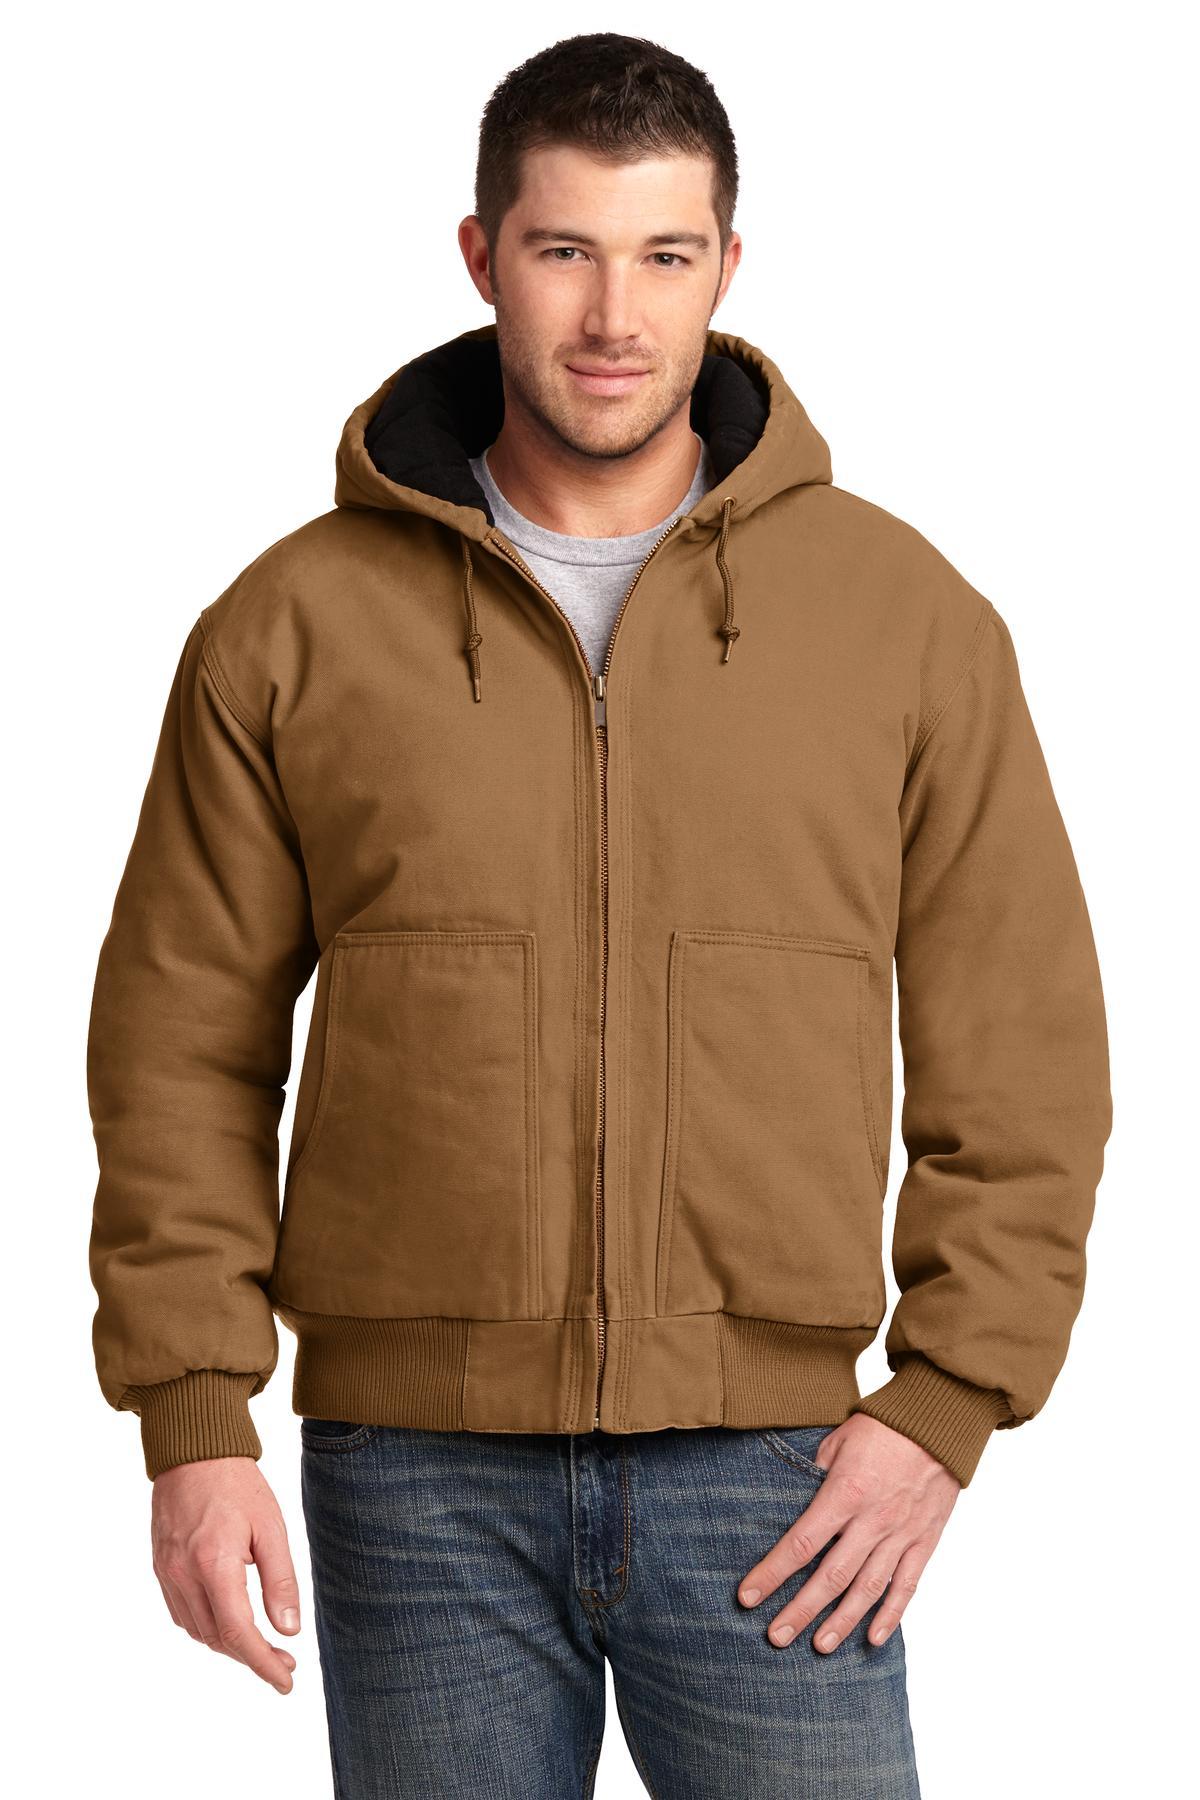 Outerwear-Work-Jackets-3